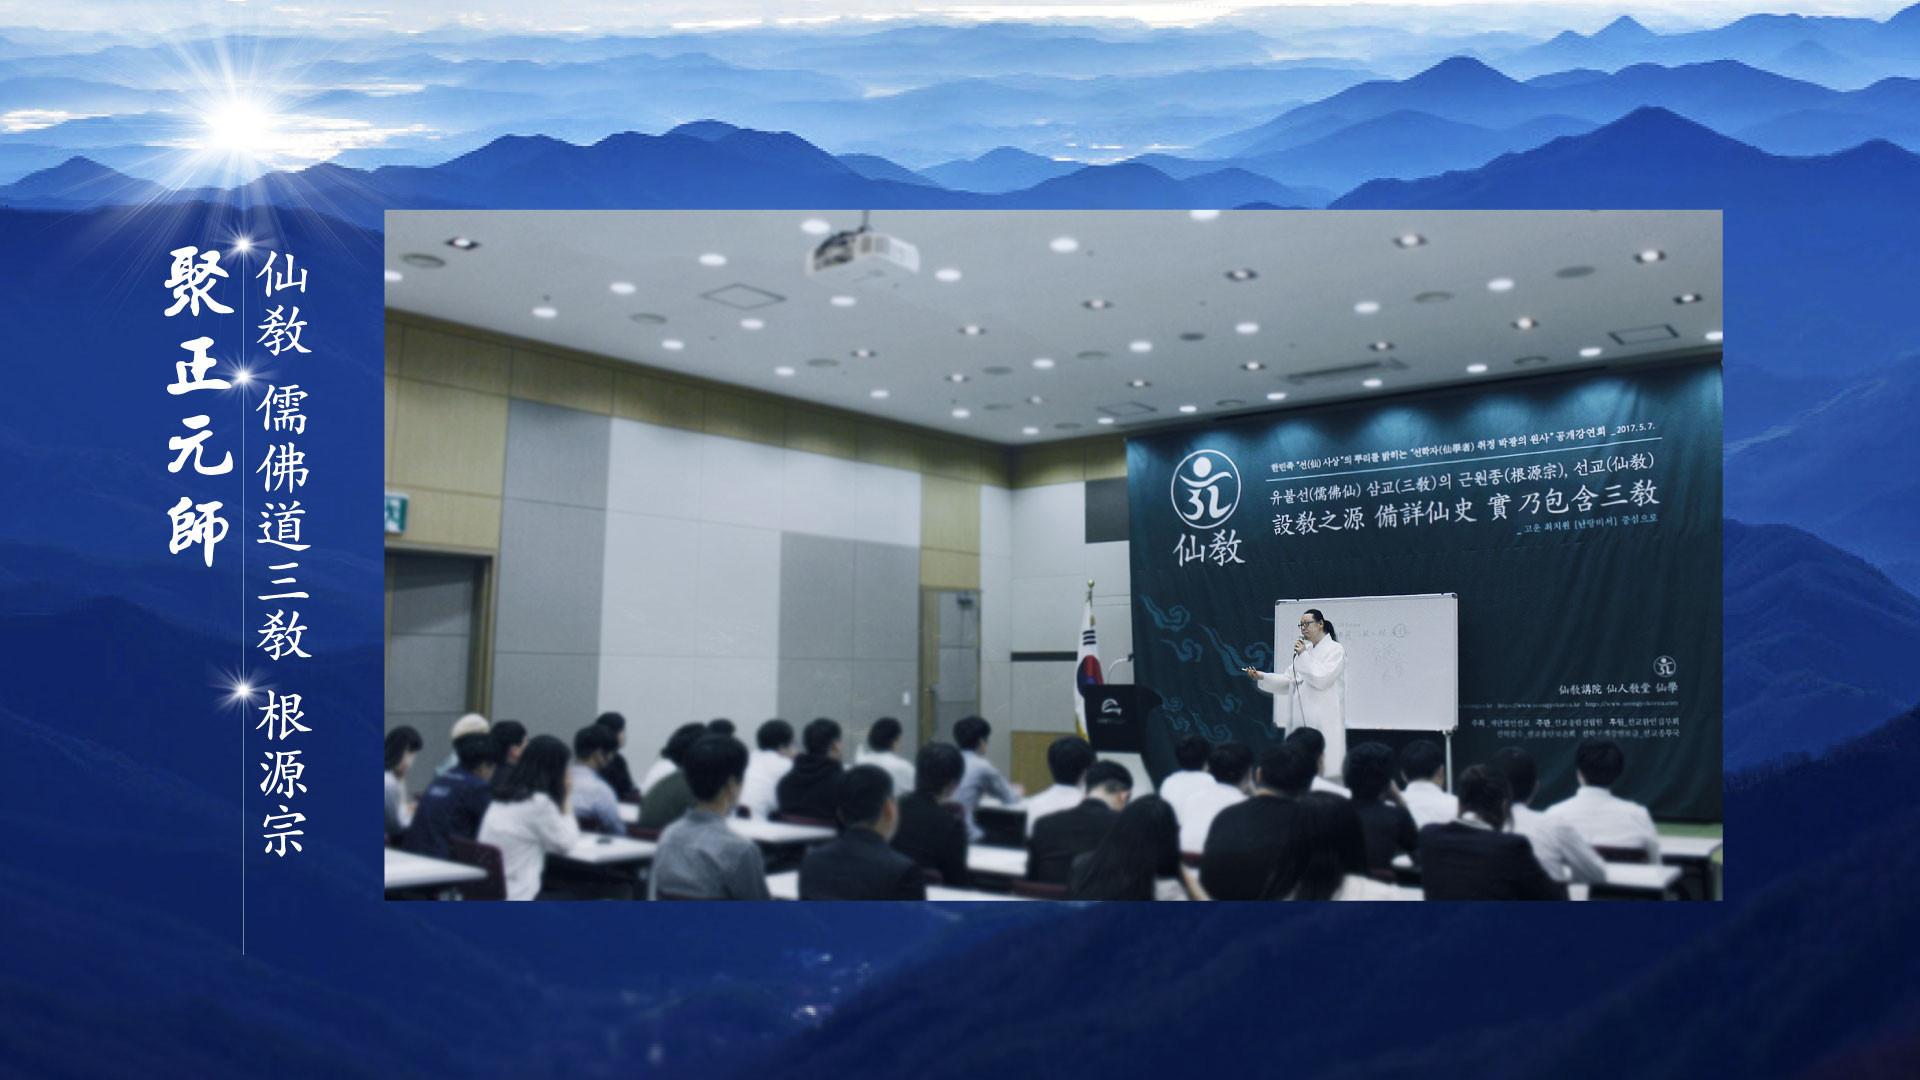 취정원사, 민족종교 선교, 한국의 선교, 仙敎